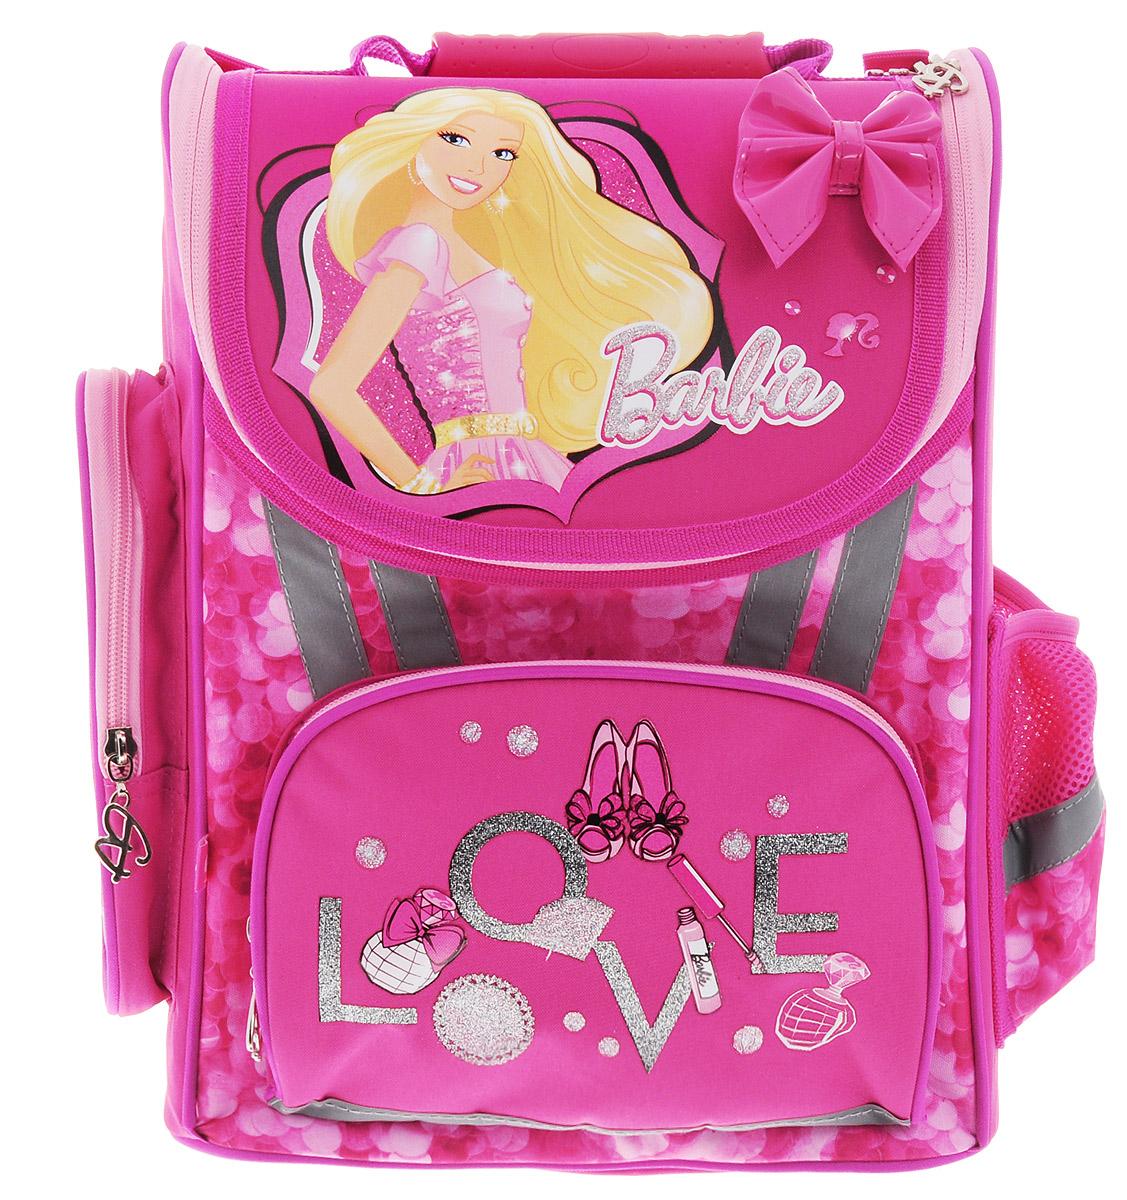 Barbie Ранец школьный Barbie730396Школьный ранец Barbie выполнен из современного легкого и прочного полиэстера ярко-розового цвета. Ранец дополнен яркими аппликациями с куклой Barbie и декоративным лаковым бантиком. Ранец имеет одно основное отделение, закрывающееся на клапан с молнией. Под крышкой клапана расположен прозрачный пластиковый кармашек для вкладыша с адресом и ФИО владельца. Внутри главного отделения расположены два мягких разделителя с утягивающей резинкой, предназначенные для тетрадей и учебников. На лицевой стороне ранца расположен накладной карман на молнии. По бокам ранца размещены два дополнительных накладных кармана, один на молнии, и один открытый. Анатомическая вентилируемая спинка ранца и широкие мягкие лямки, регулируемые по длине, равномерно распределяют нагрузку на плечевой пояс, способствуя формированию правильной осанки. Ранец оснащен эргономичной ручкой для переноски и петлей для подвешивания. Дно ранца защищено пластиковыми ножками. Многофункциональный школьный ранец станет незаменимым спутником вашего ребенка в походах за знаниями.